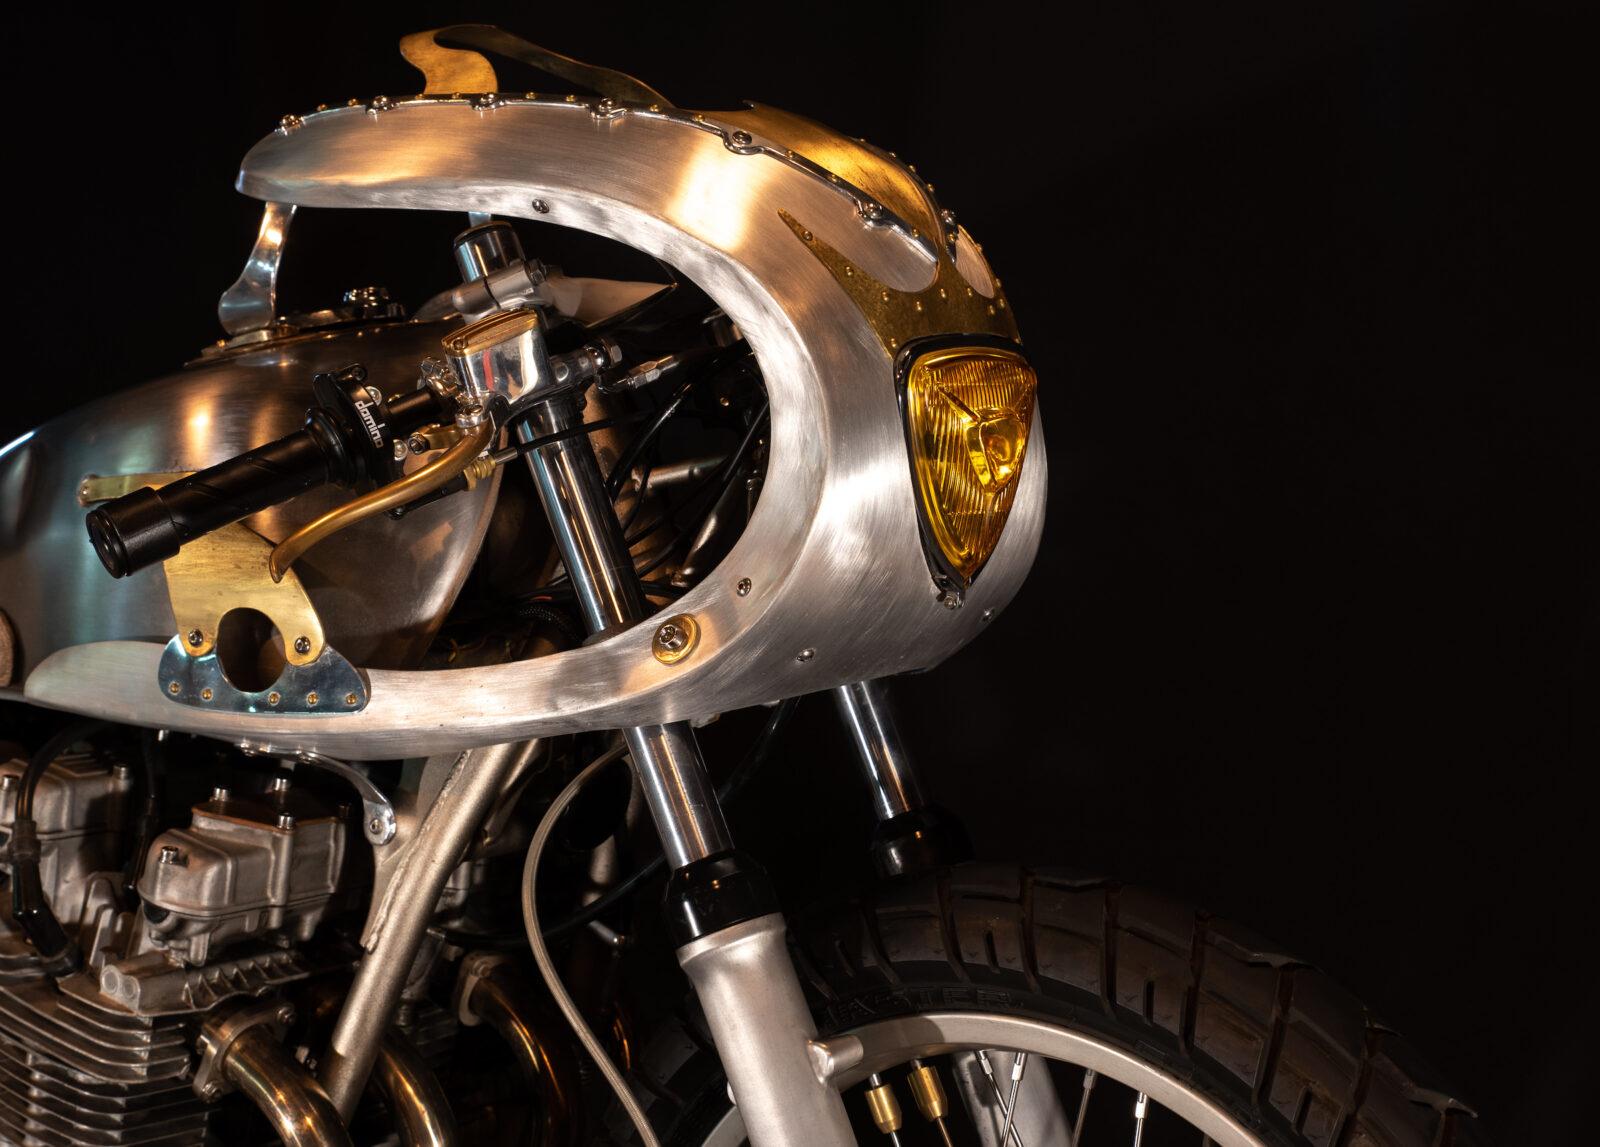 Kawasaki KZ650 Custom Fairing